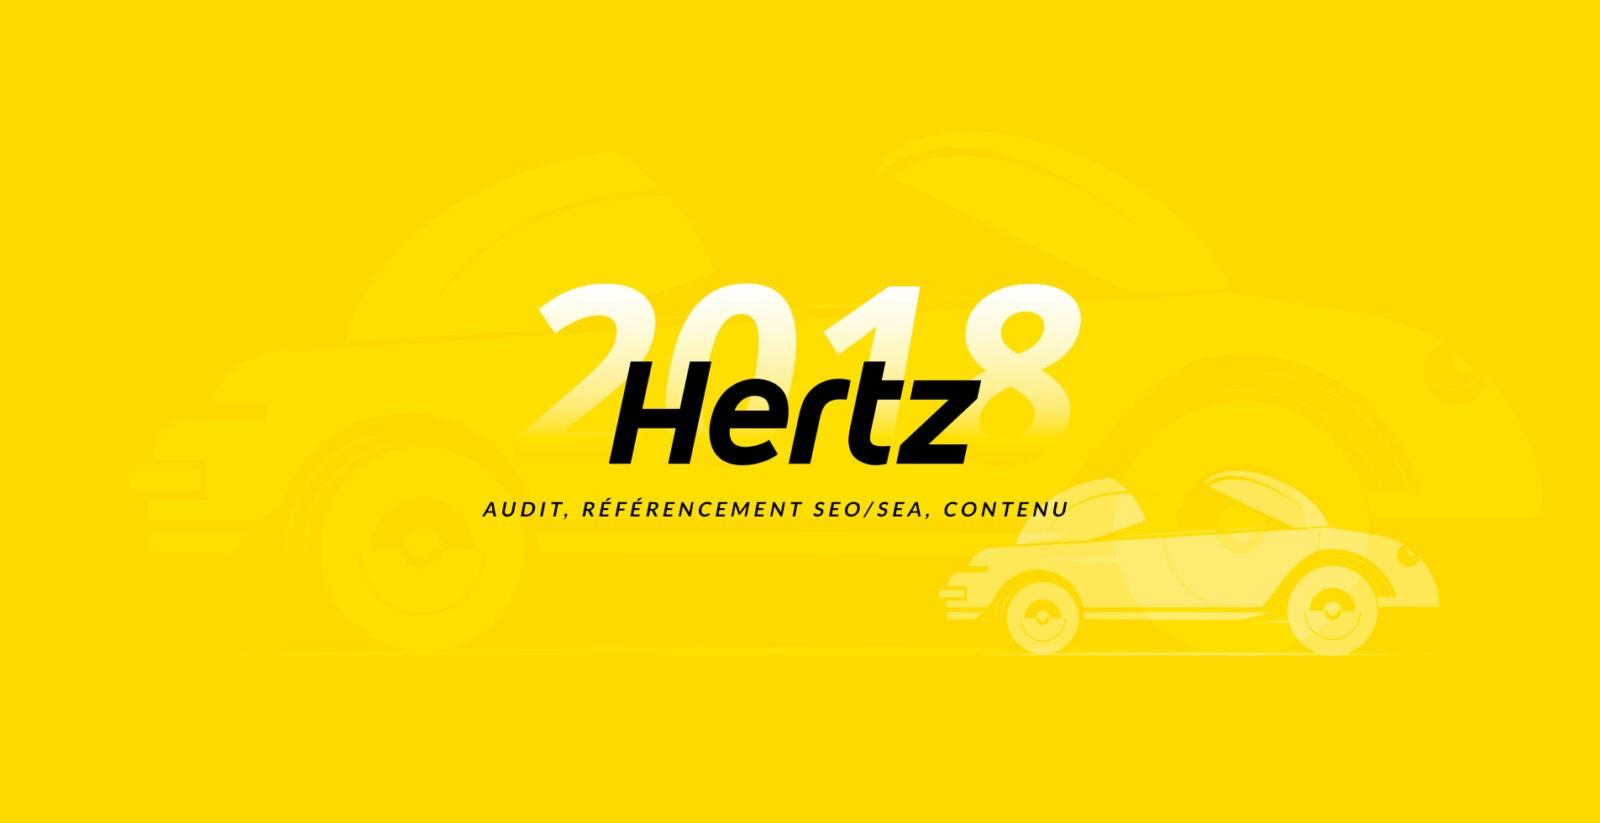 Mise en place et optimisation du référencement naturel et payant du site internet de HERTZ par l'agence web Mojjoo Paris.